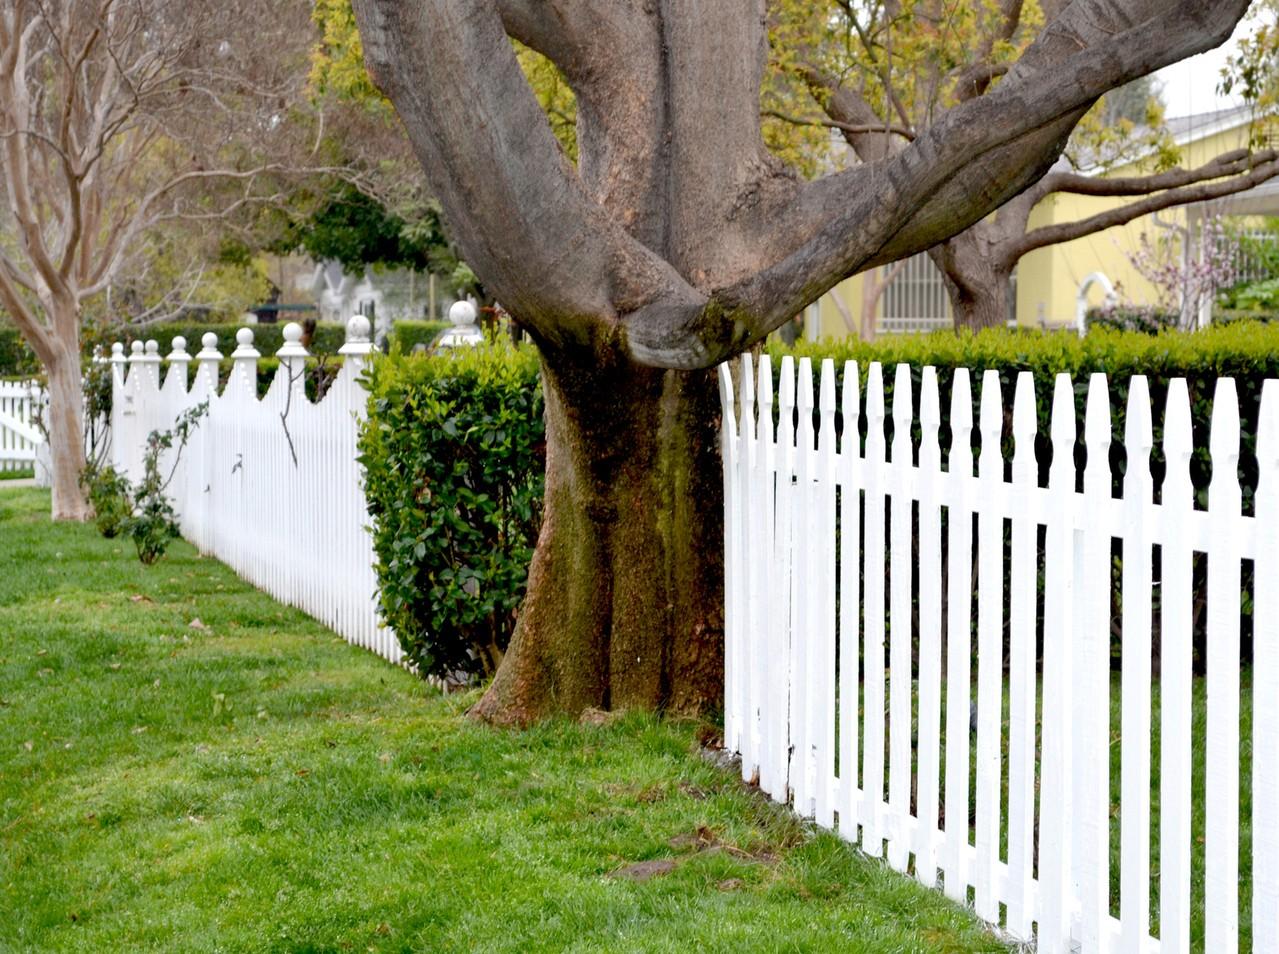 Projektujemy ogrodzenie dla naszego domu